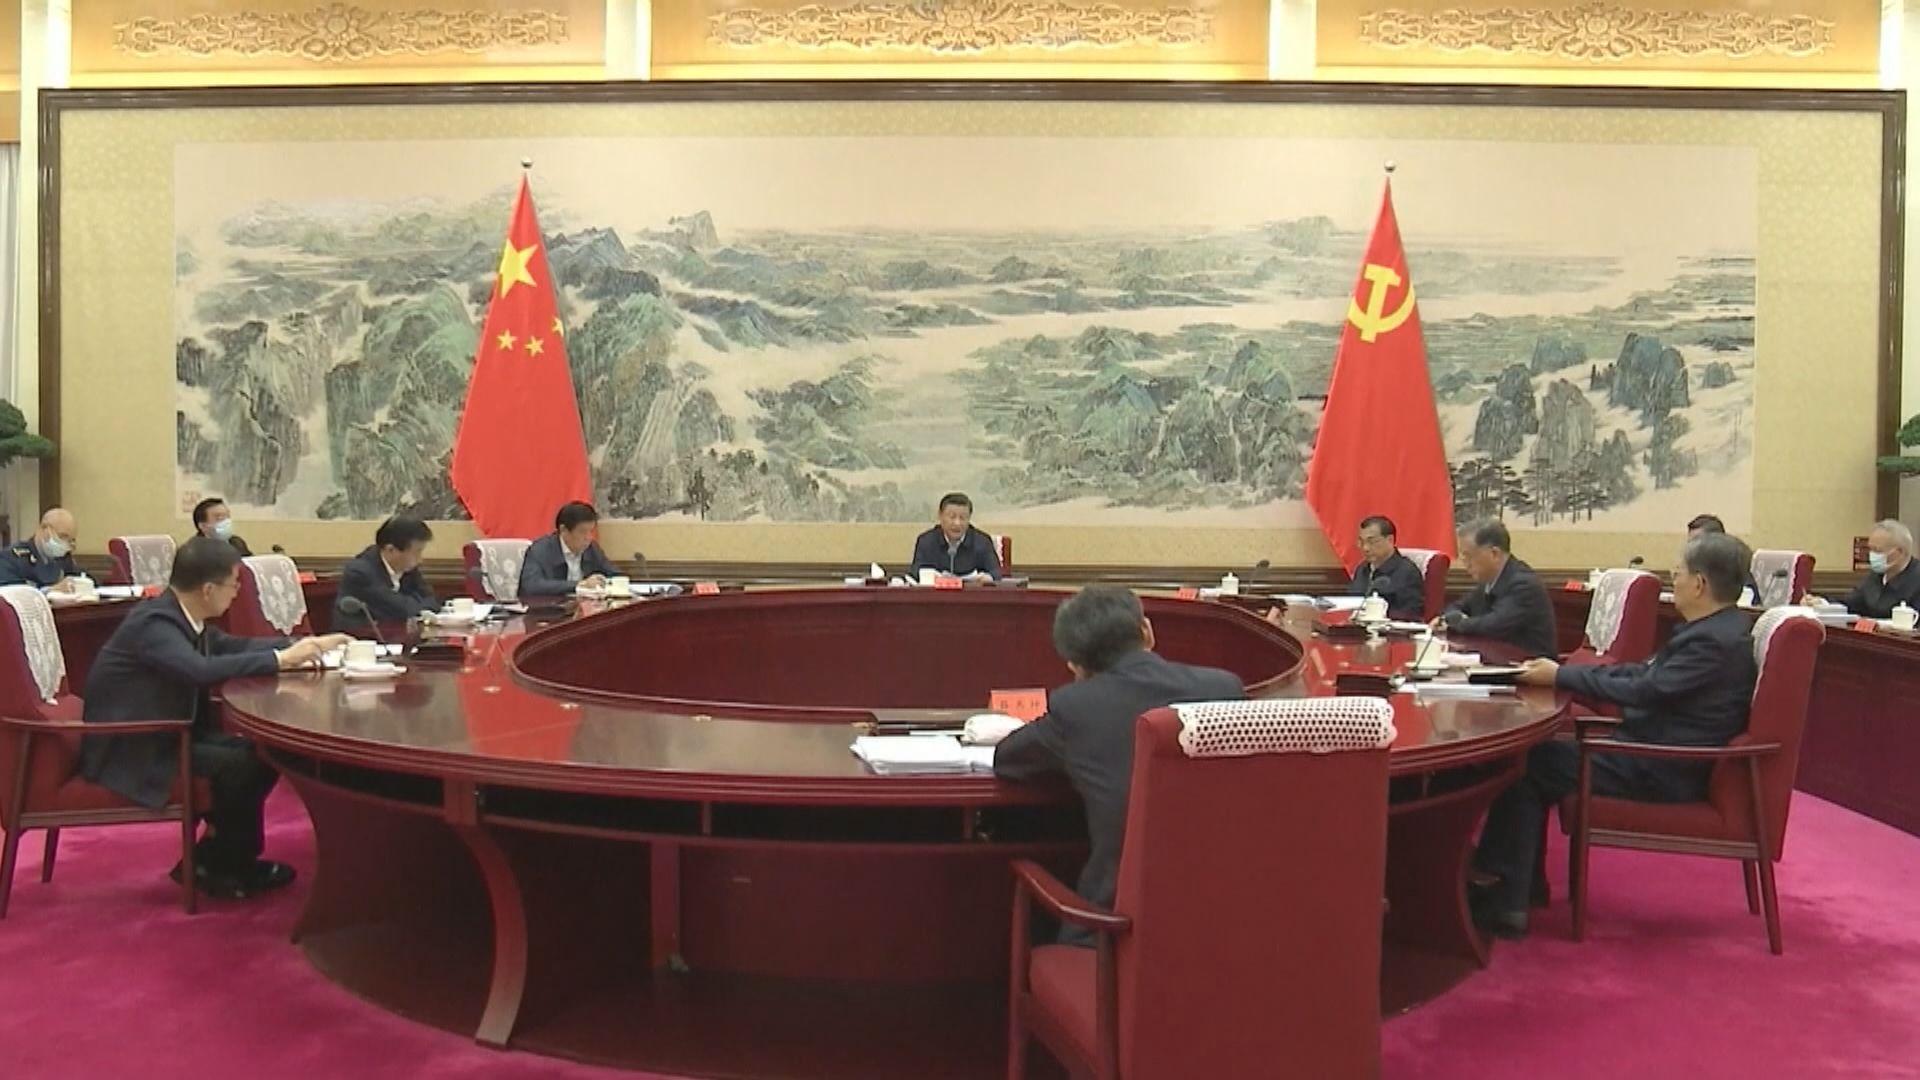 中央政治局會議提出要強化戰略科技力量